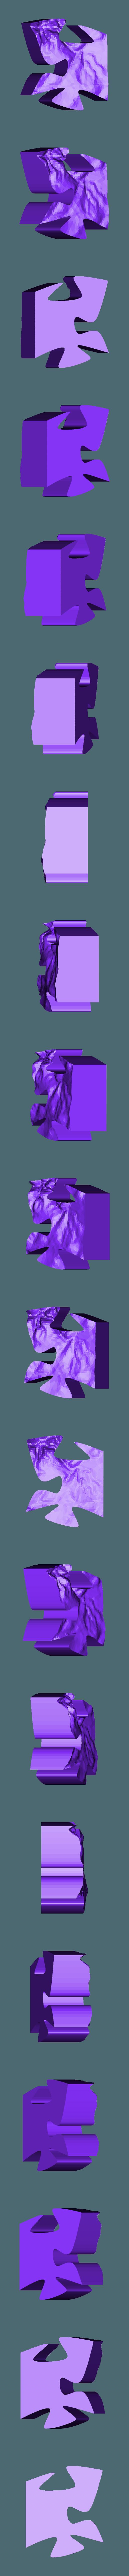 99.stl Télécharger fichier STL gratuit Echelle épique - Terrain - Zion NP • Objet à imprimer en 3D, TCP491016